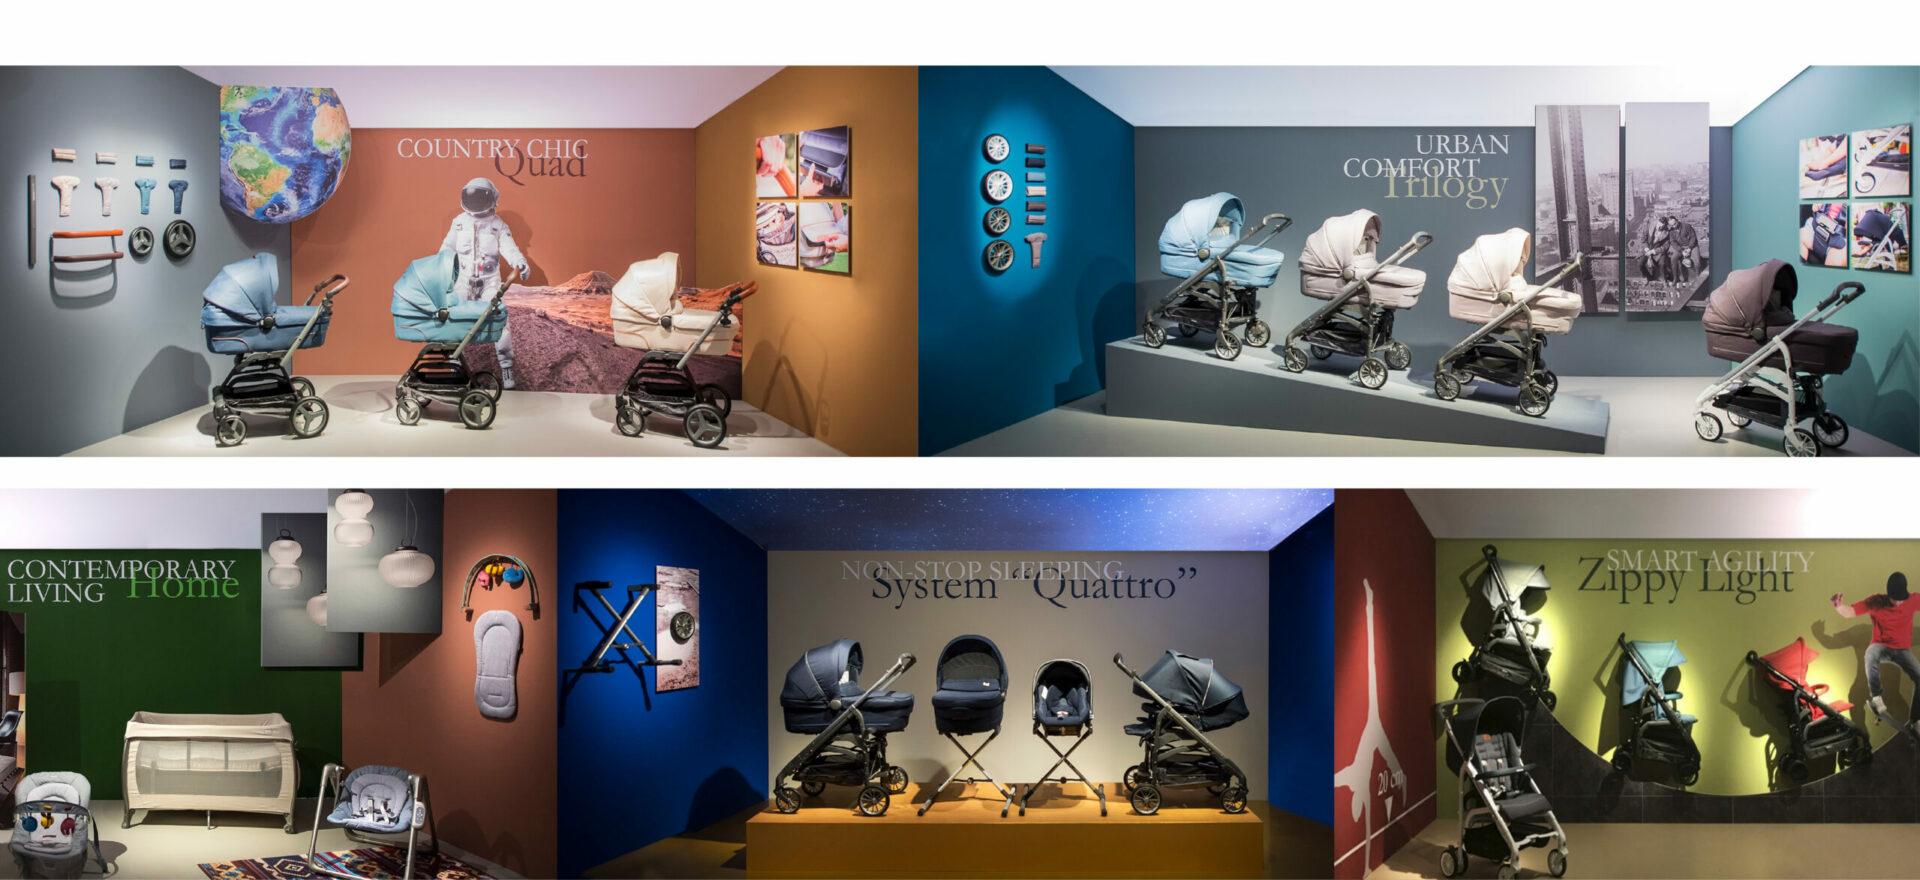 Retail   Exhibition Design   Branding   Inglesina   Mario Trimarchi Design   Fragile